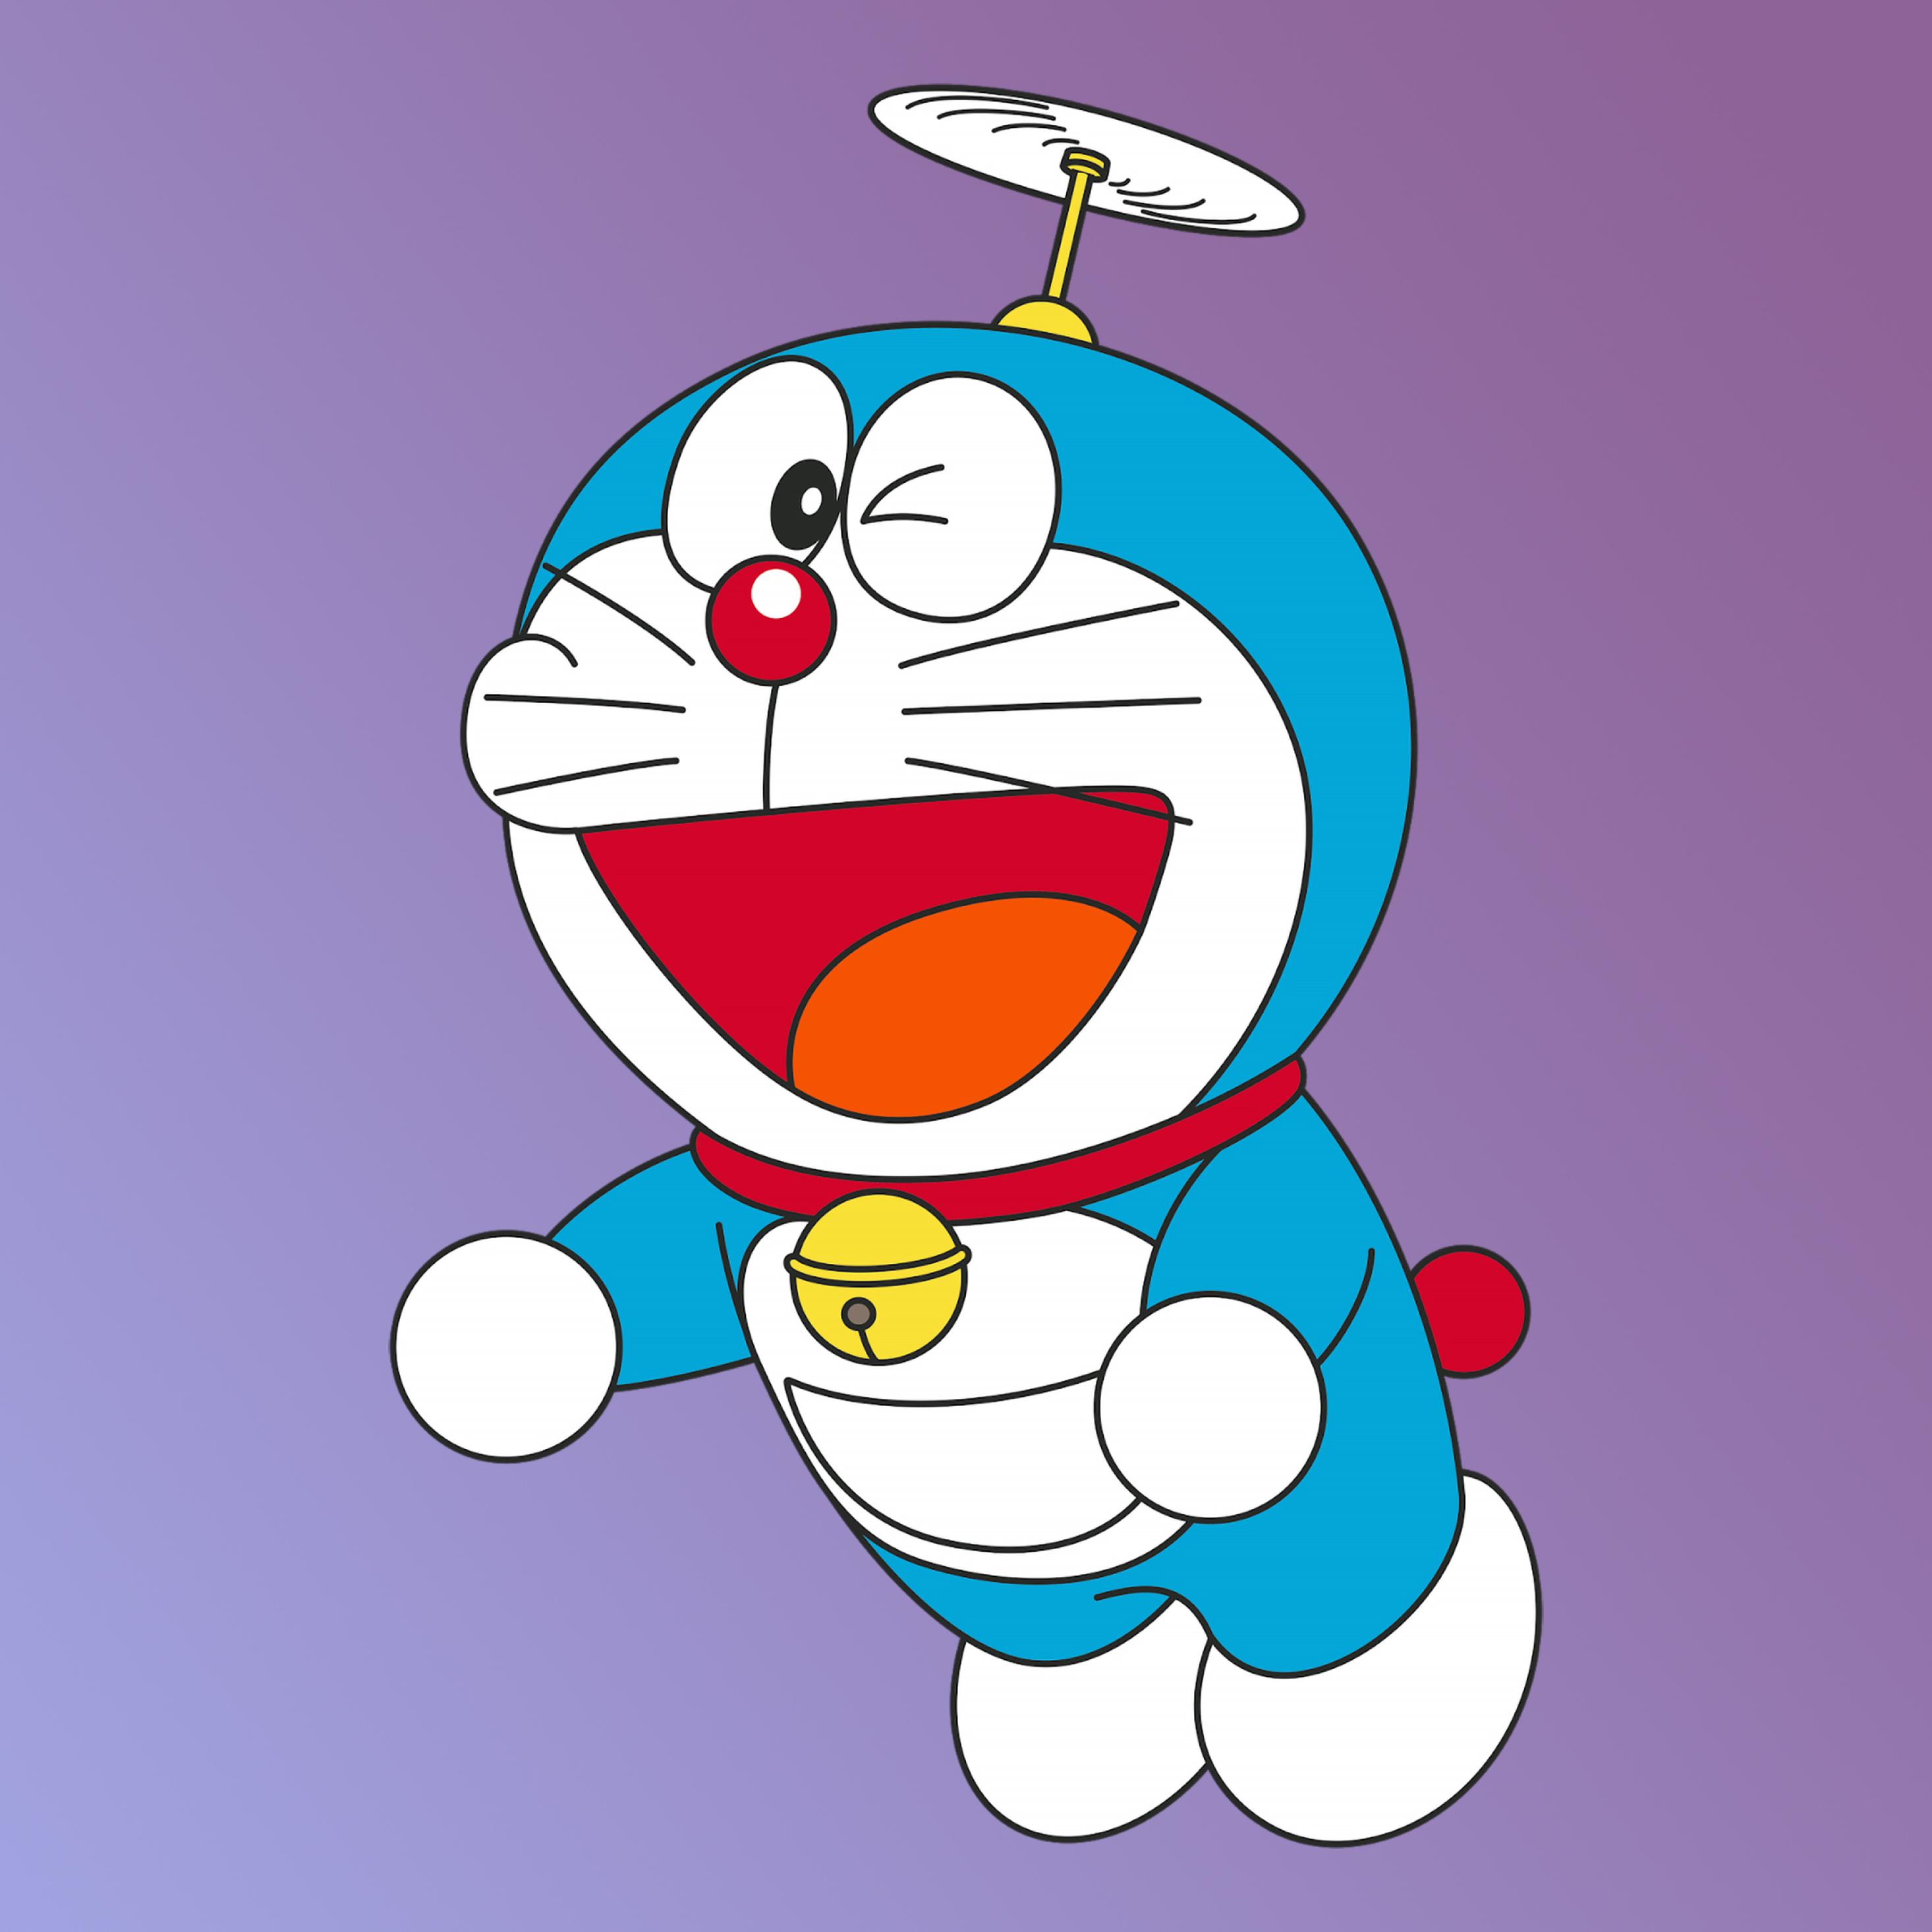 2932x2932 Doraemon Minimal 4K Ipad Pro Retina Display ...